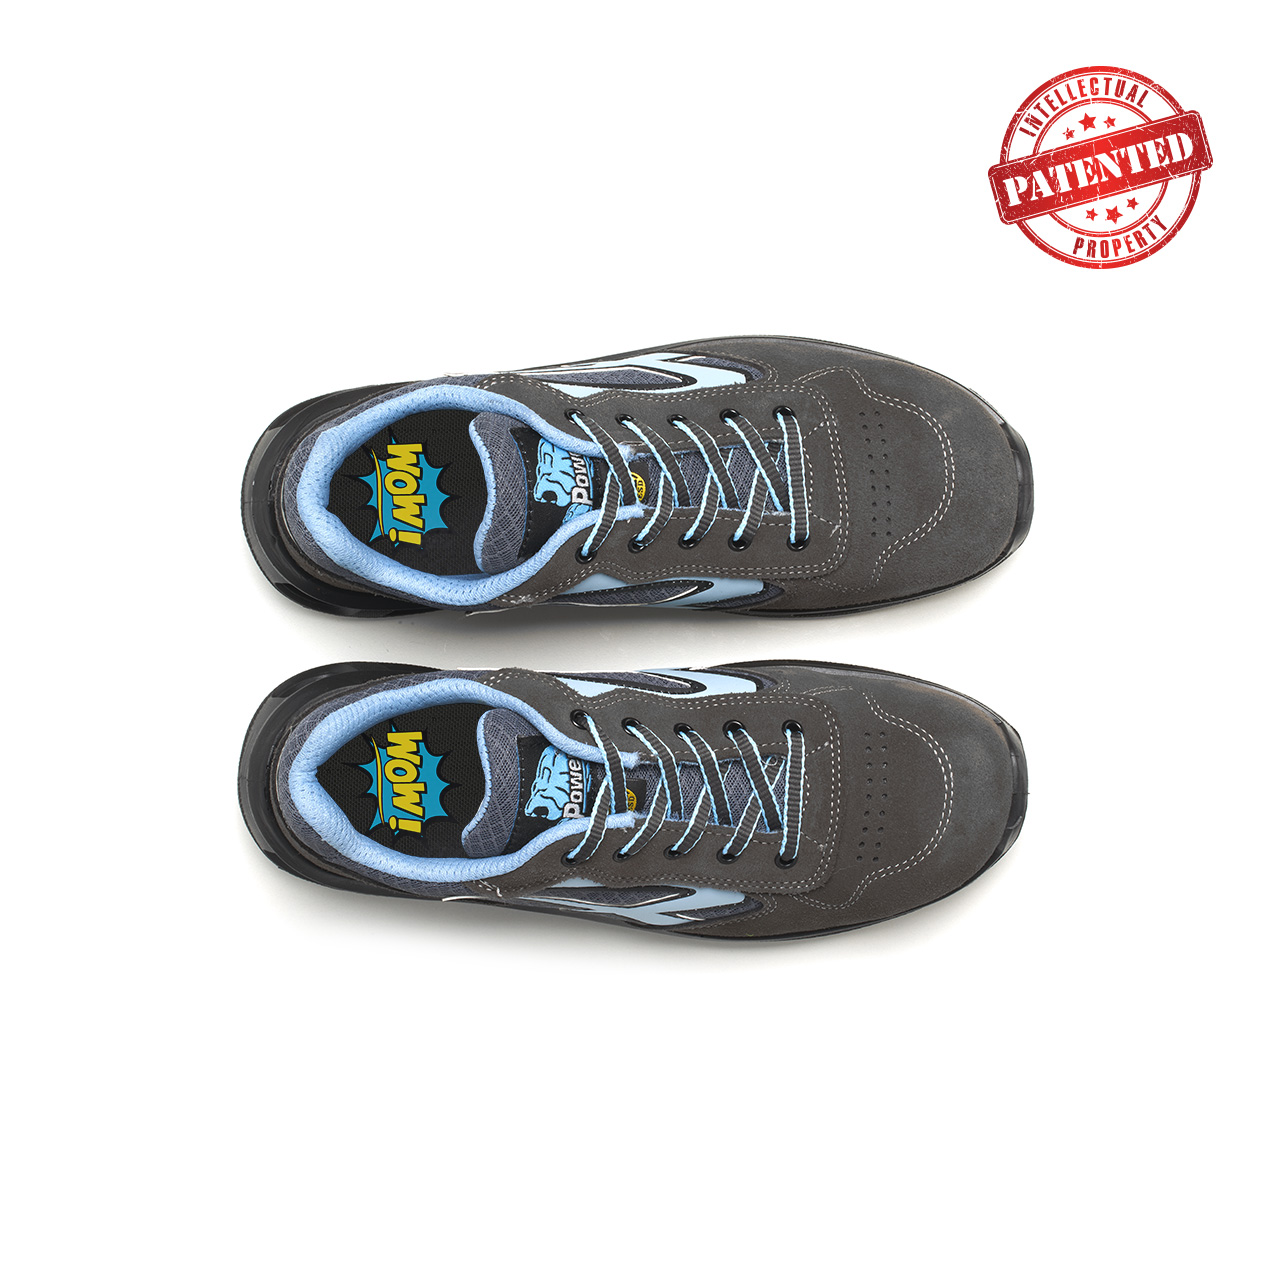 paio di scarpe antinfortunistiche upower modello lolly linea redlion vista top